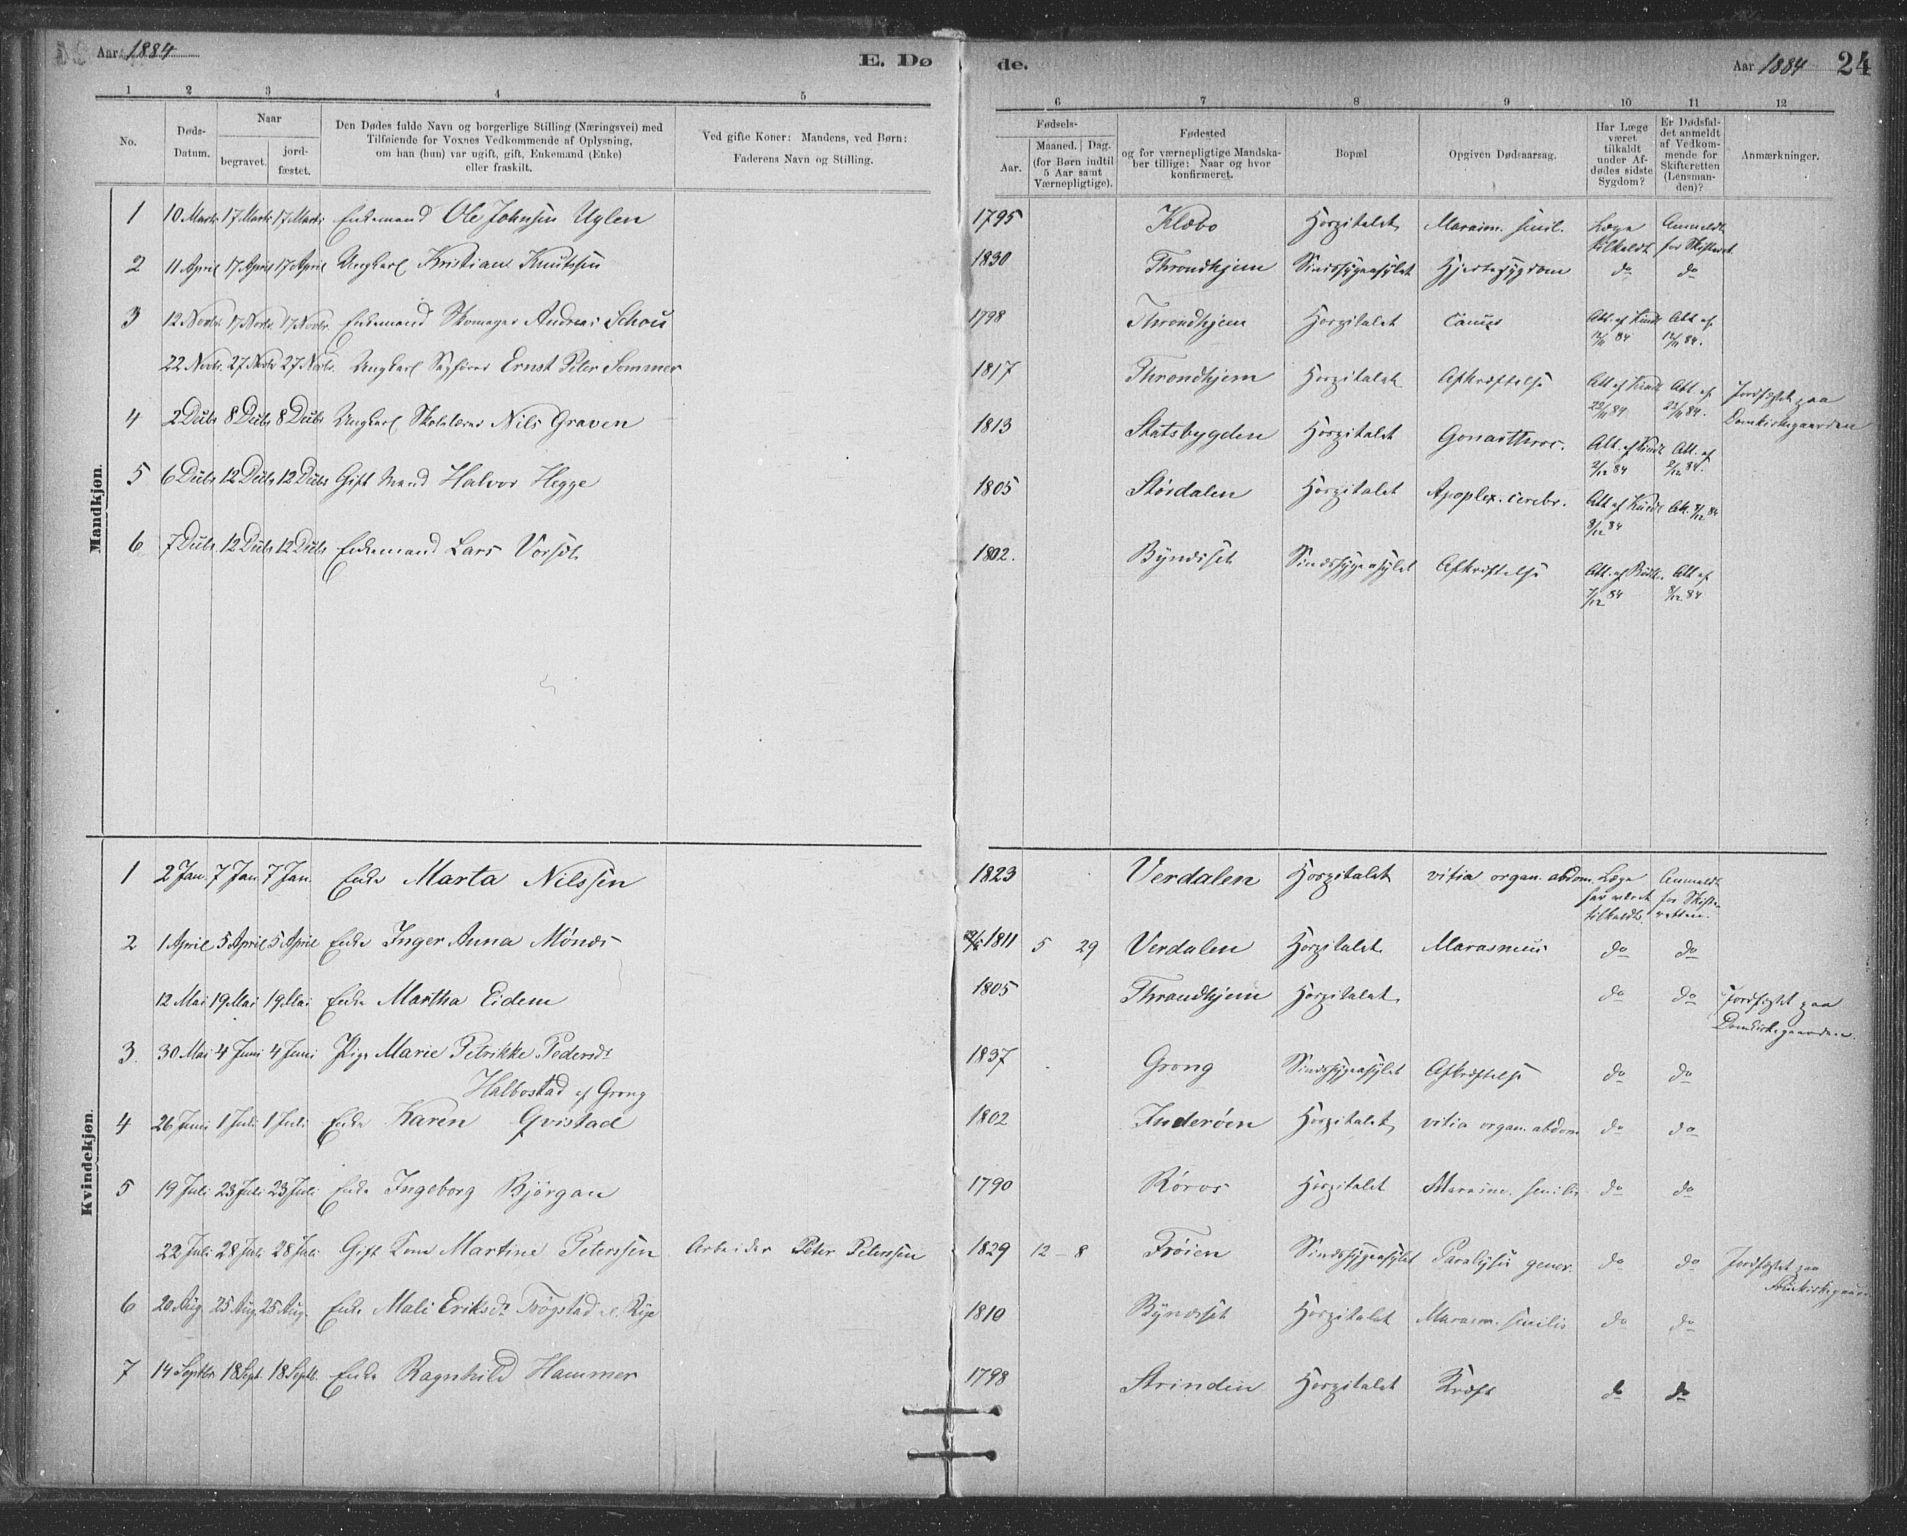 SAT, Ministerialprotokoller, klokkerbøker og fødselsregistre - Sør-Trøndelag, 623/L0470: Ministerialbok nr. 623A04, 1884-1938, s. 24